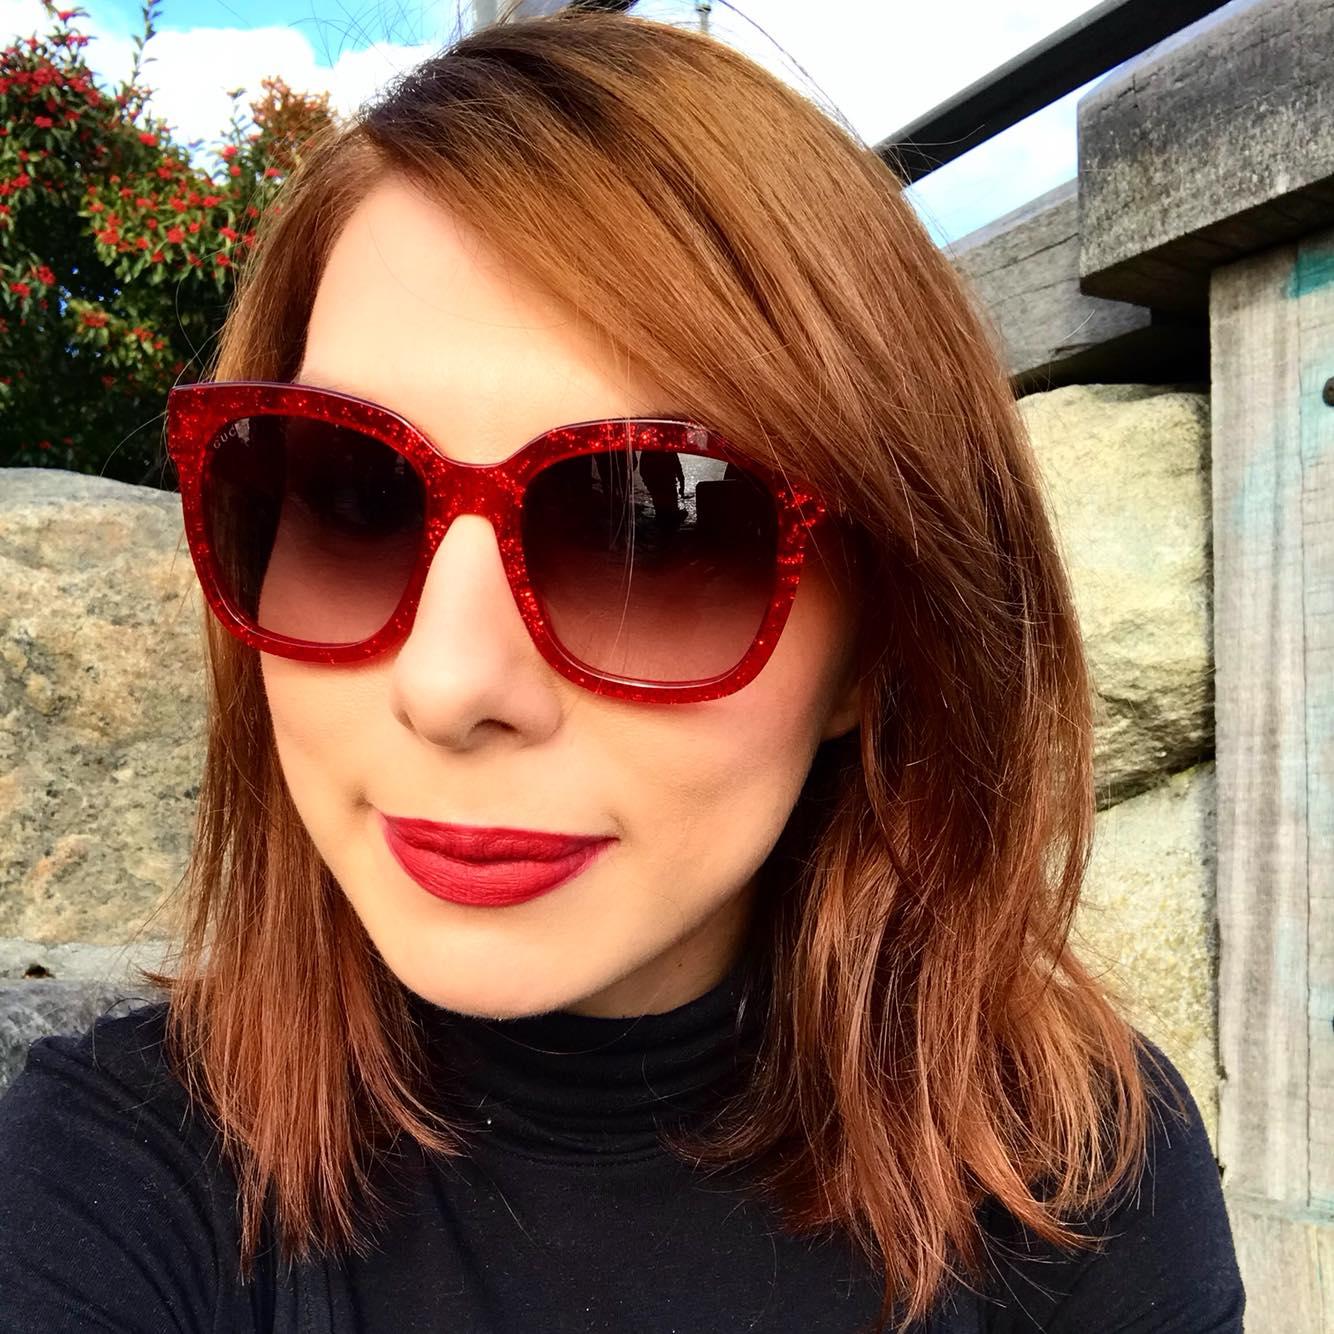 De ce e bine să purtăm ochelari de soare chiar și în sezonul rece (P)